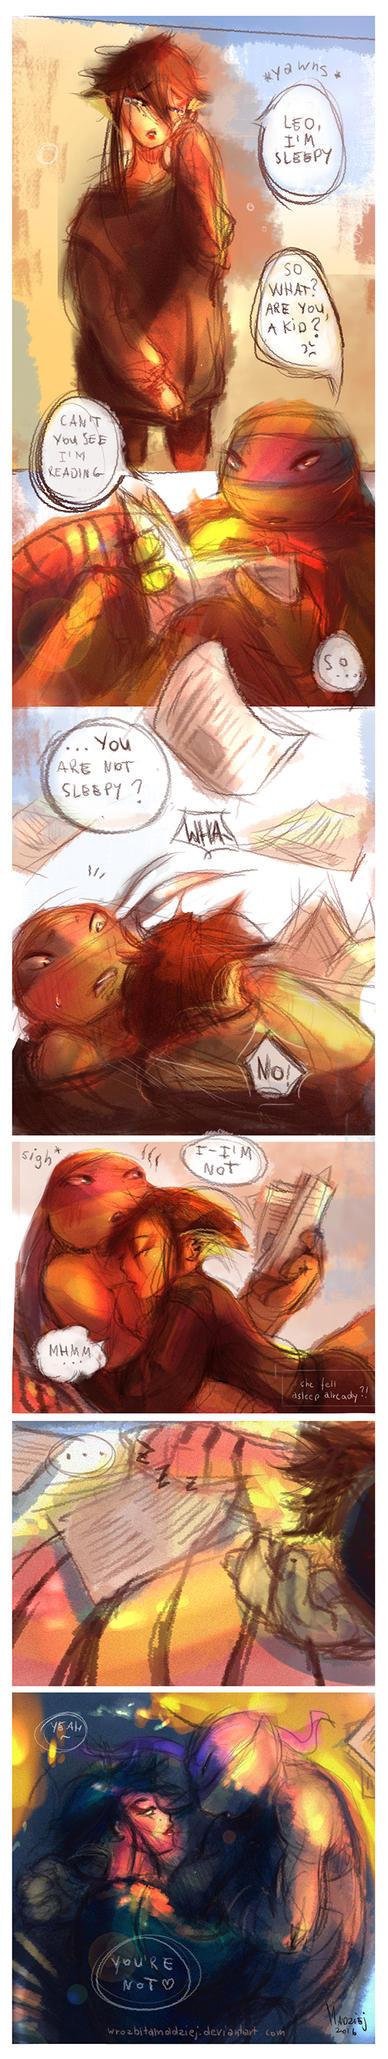 Sleepy | Leorai by WrozbitaMadziej